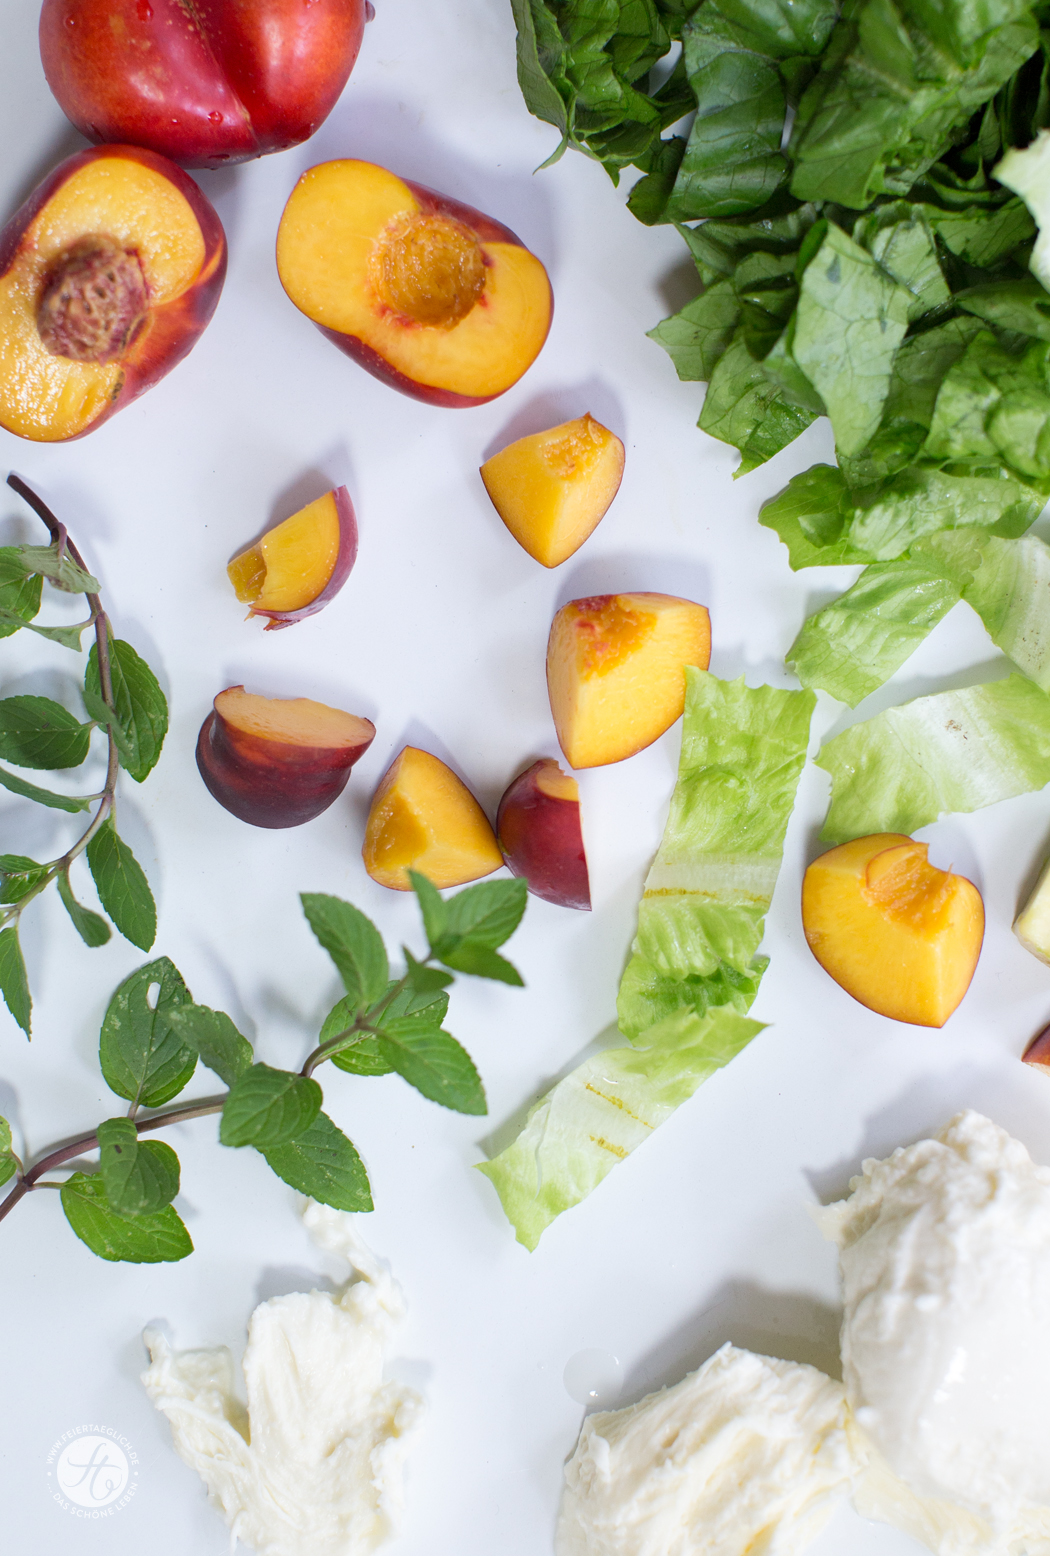 Sommersalat mit Nektarine, Avocado und Mozzarella mit Minzdressing im Glas, Rezept zum Picknick